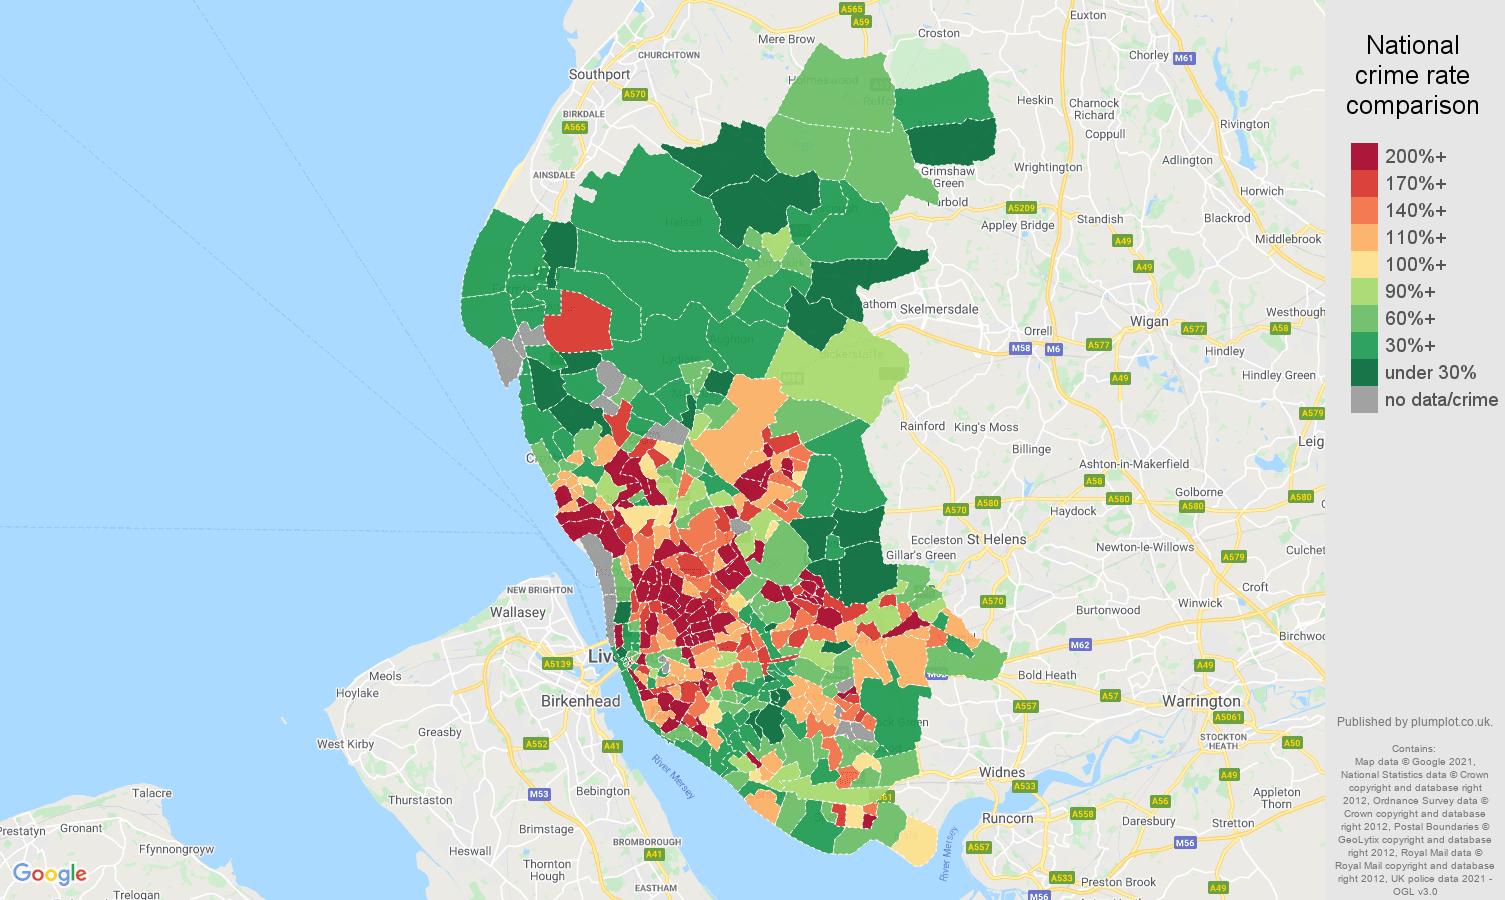 Liverpool violent crime rate comparison map